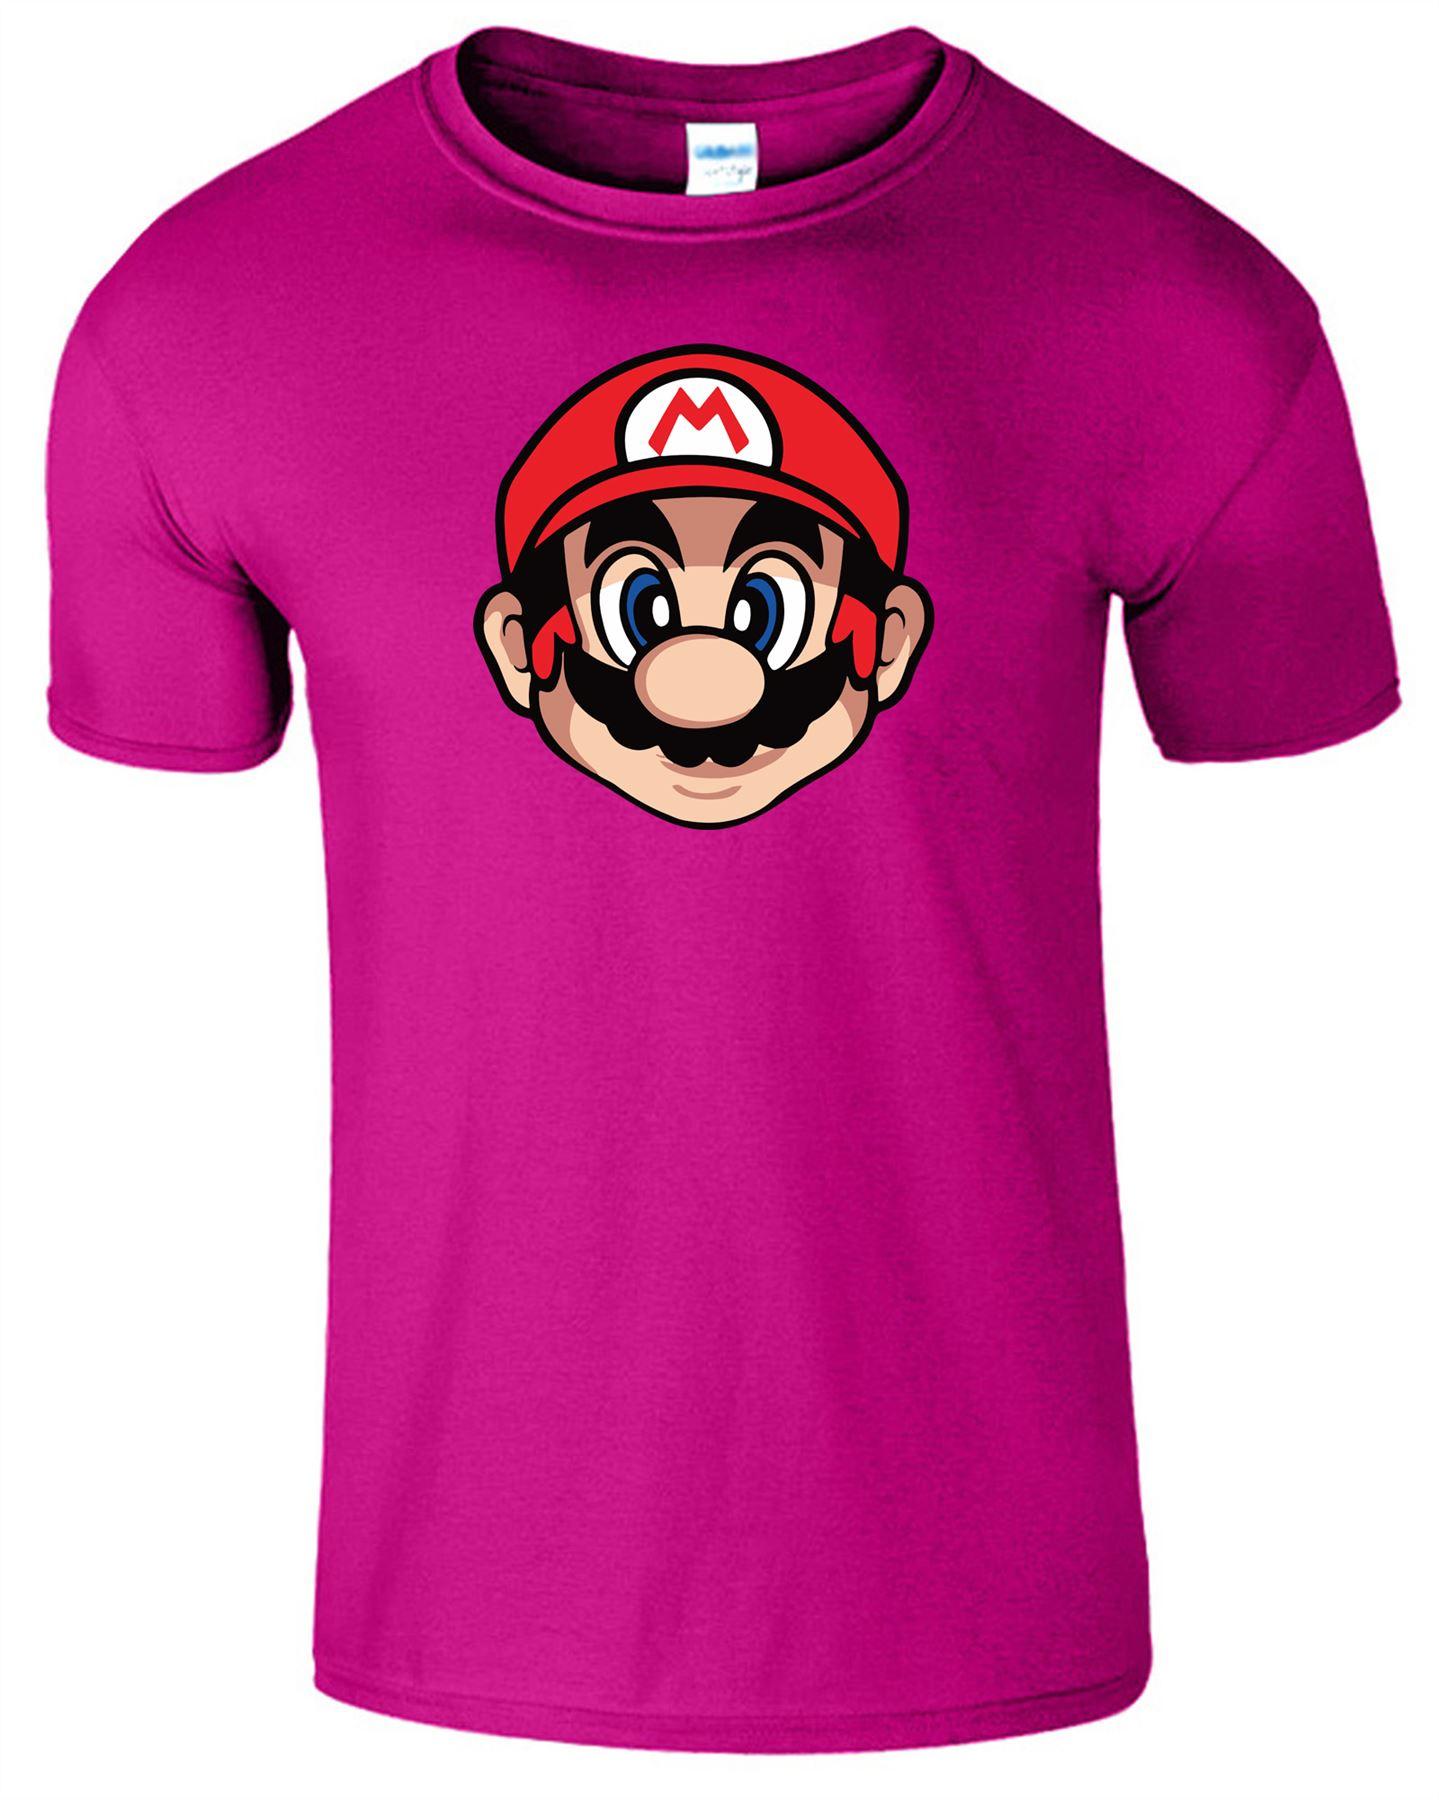 Super-Mario-Enfants-T-Shirt-Gaming-Retro-Luigi-PS4-PC-Jeu-Cadeau-Top-T-Shirt